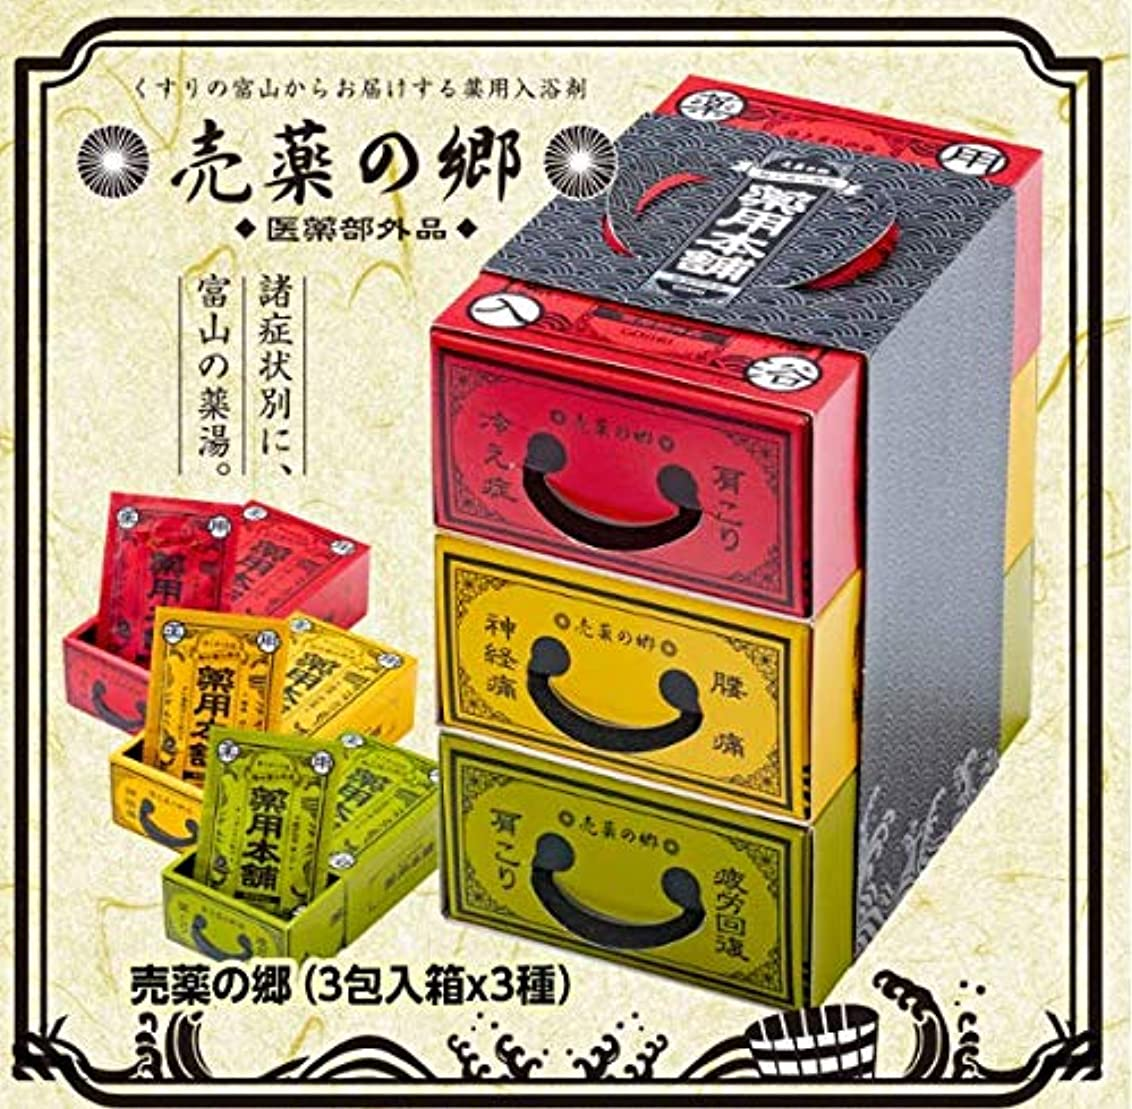 展示会思いやり詩人薬の富山の薬用入浴剤 売薬の郷 薬用本舗3箱セット 10セット